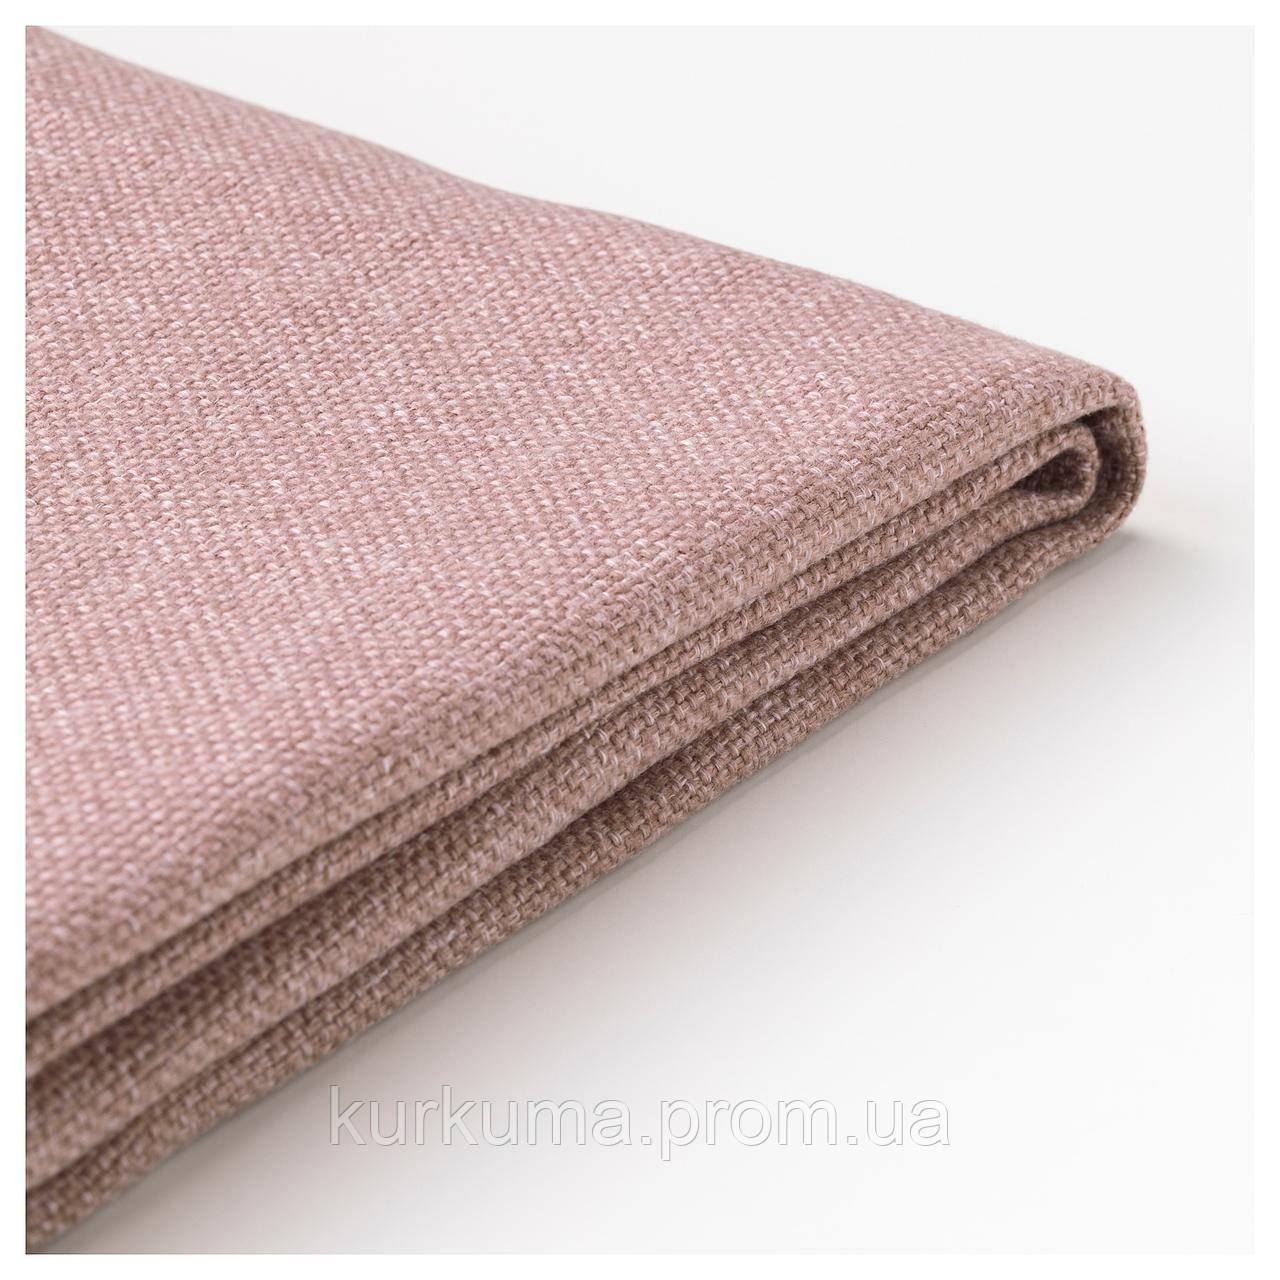 IKEA DELAKTIG Чехол на подлокотник дивана, Гуннар светло-розовый  (604.264.82)